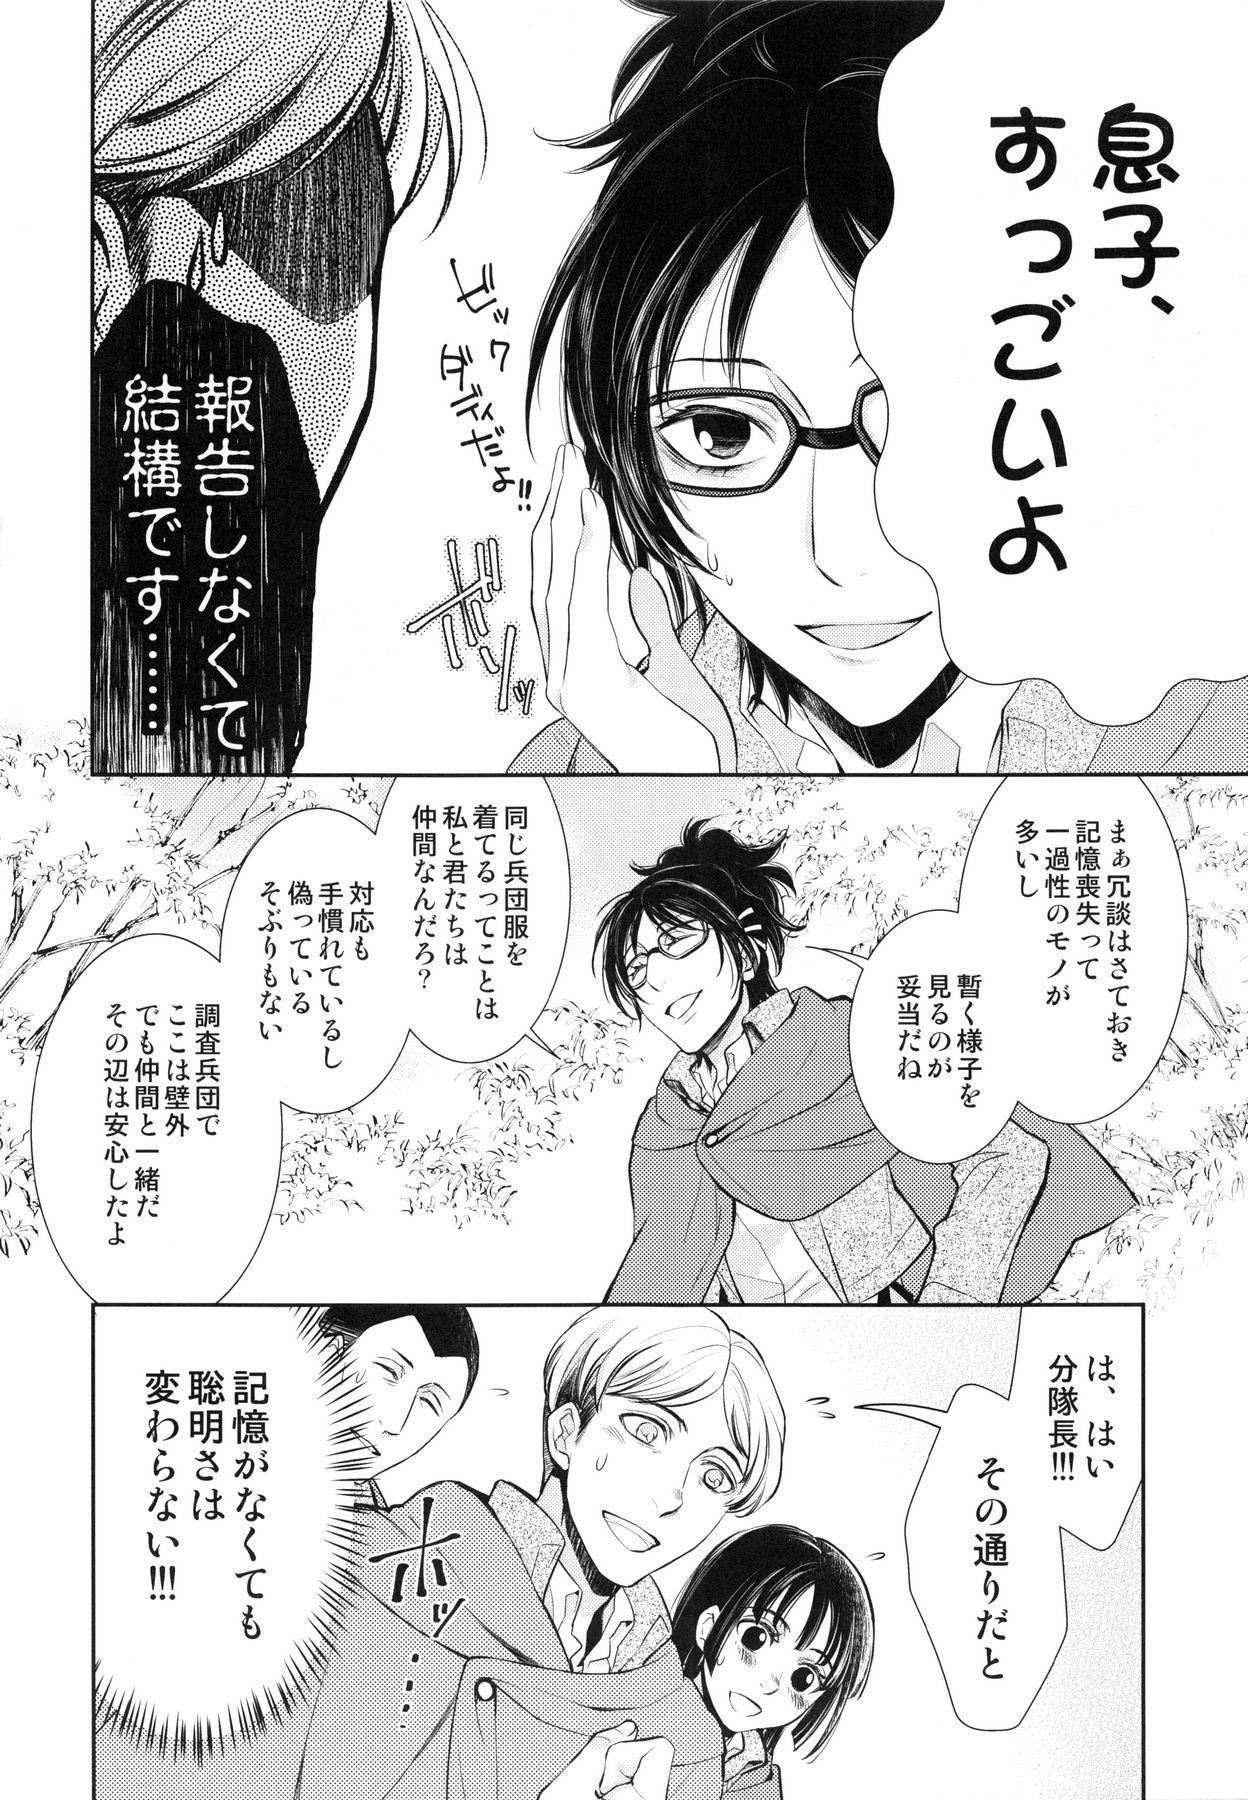 Abare Kikoushu to Abareuma de Kioku Soushitsu 7